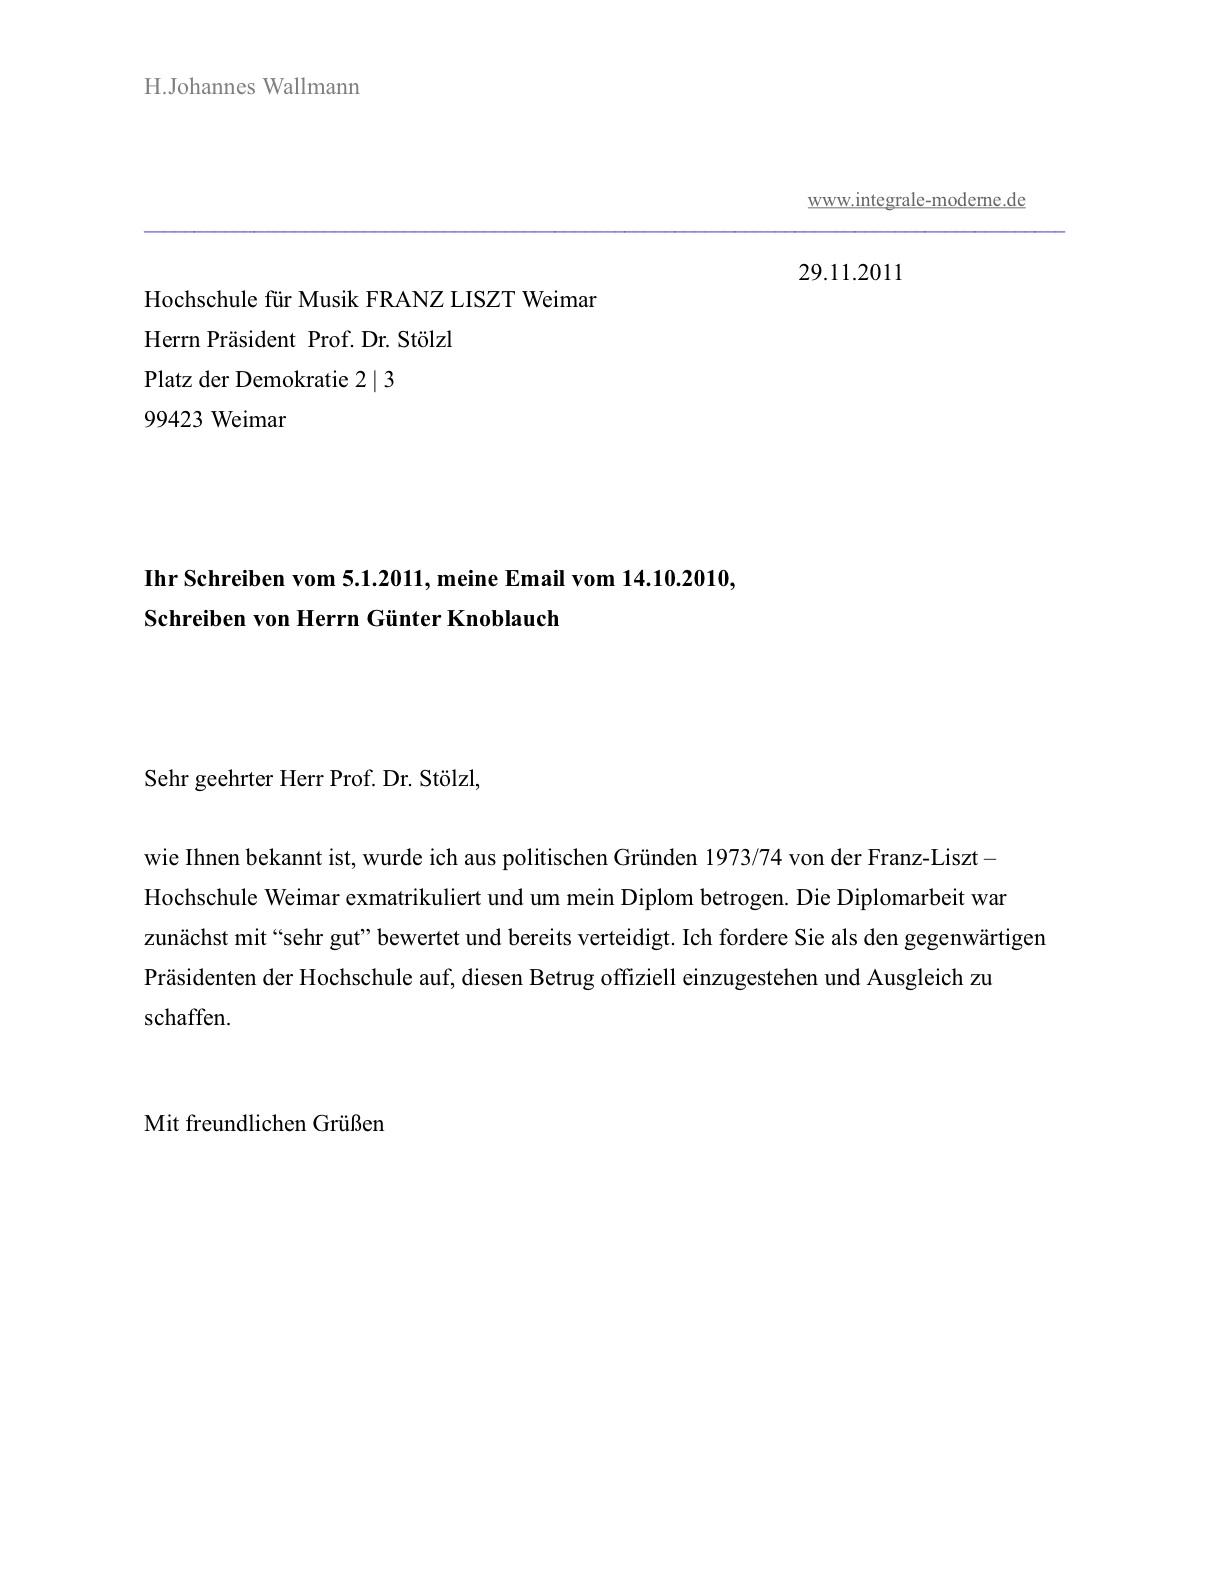 h johannes wallmann am 2911 2011 an den prsidenten der weimarer franz liszt - Biografiearbeit Muster